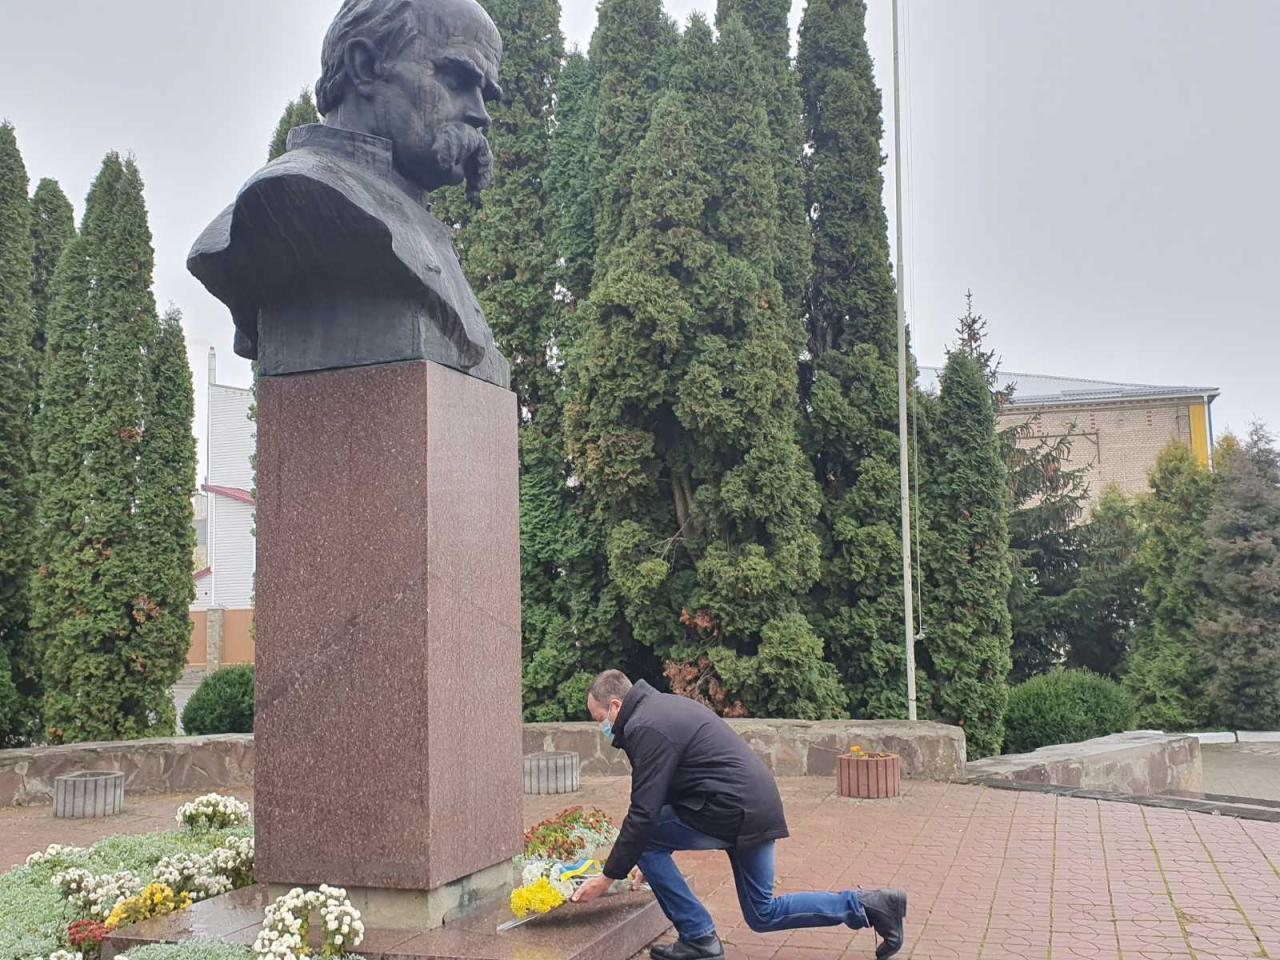 http://dunrada.gov.ua/uploadfile/archive_news/2020/11/20/2020-11-20_4933/images/images-45063.jpg